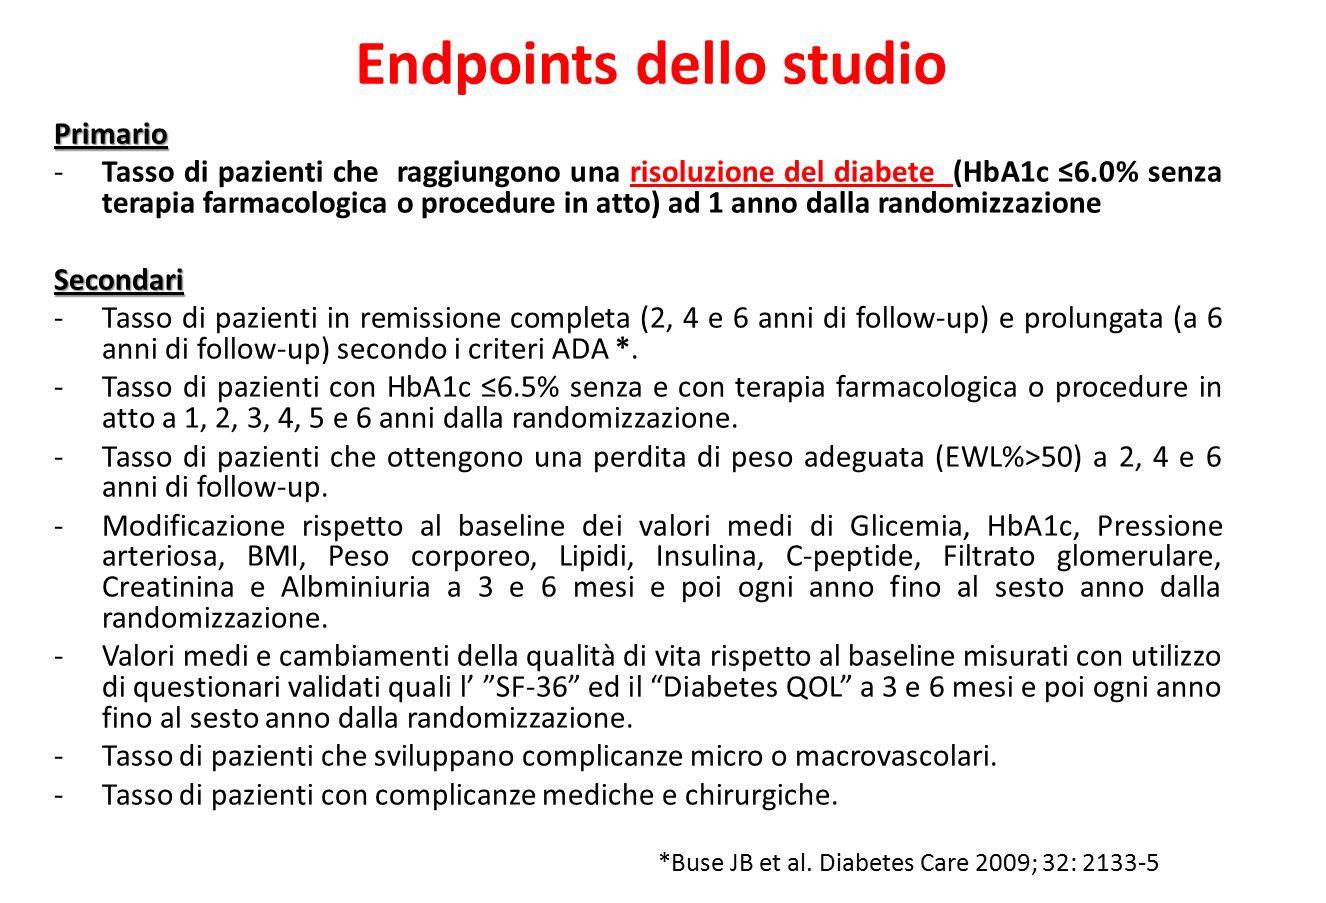 Endpoints dello studio Primario -Tasso di pazienti che raggiungono una risoluzione del diabete (HbA1c ≤6.0% senza terapia farmacologica o procedure in atto) ad 1 anno dalla randomizzazioneSecondari -Tasso di pazienti in remissione completa (2, 4 e 6 anni di follow-up) e prolungata (a 6 anni di follow-up) secondo i criteri ADA *.